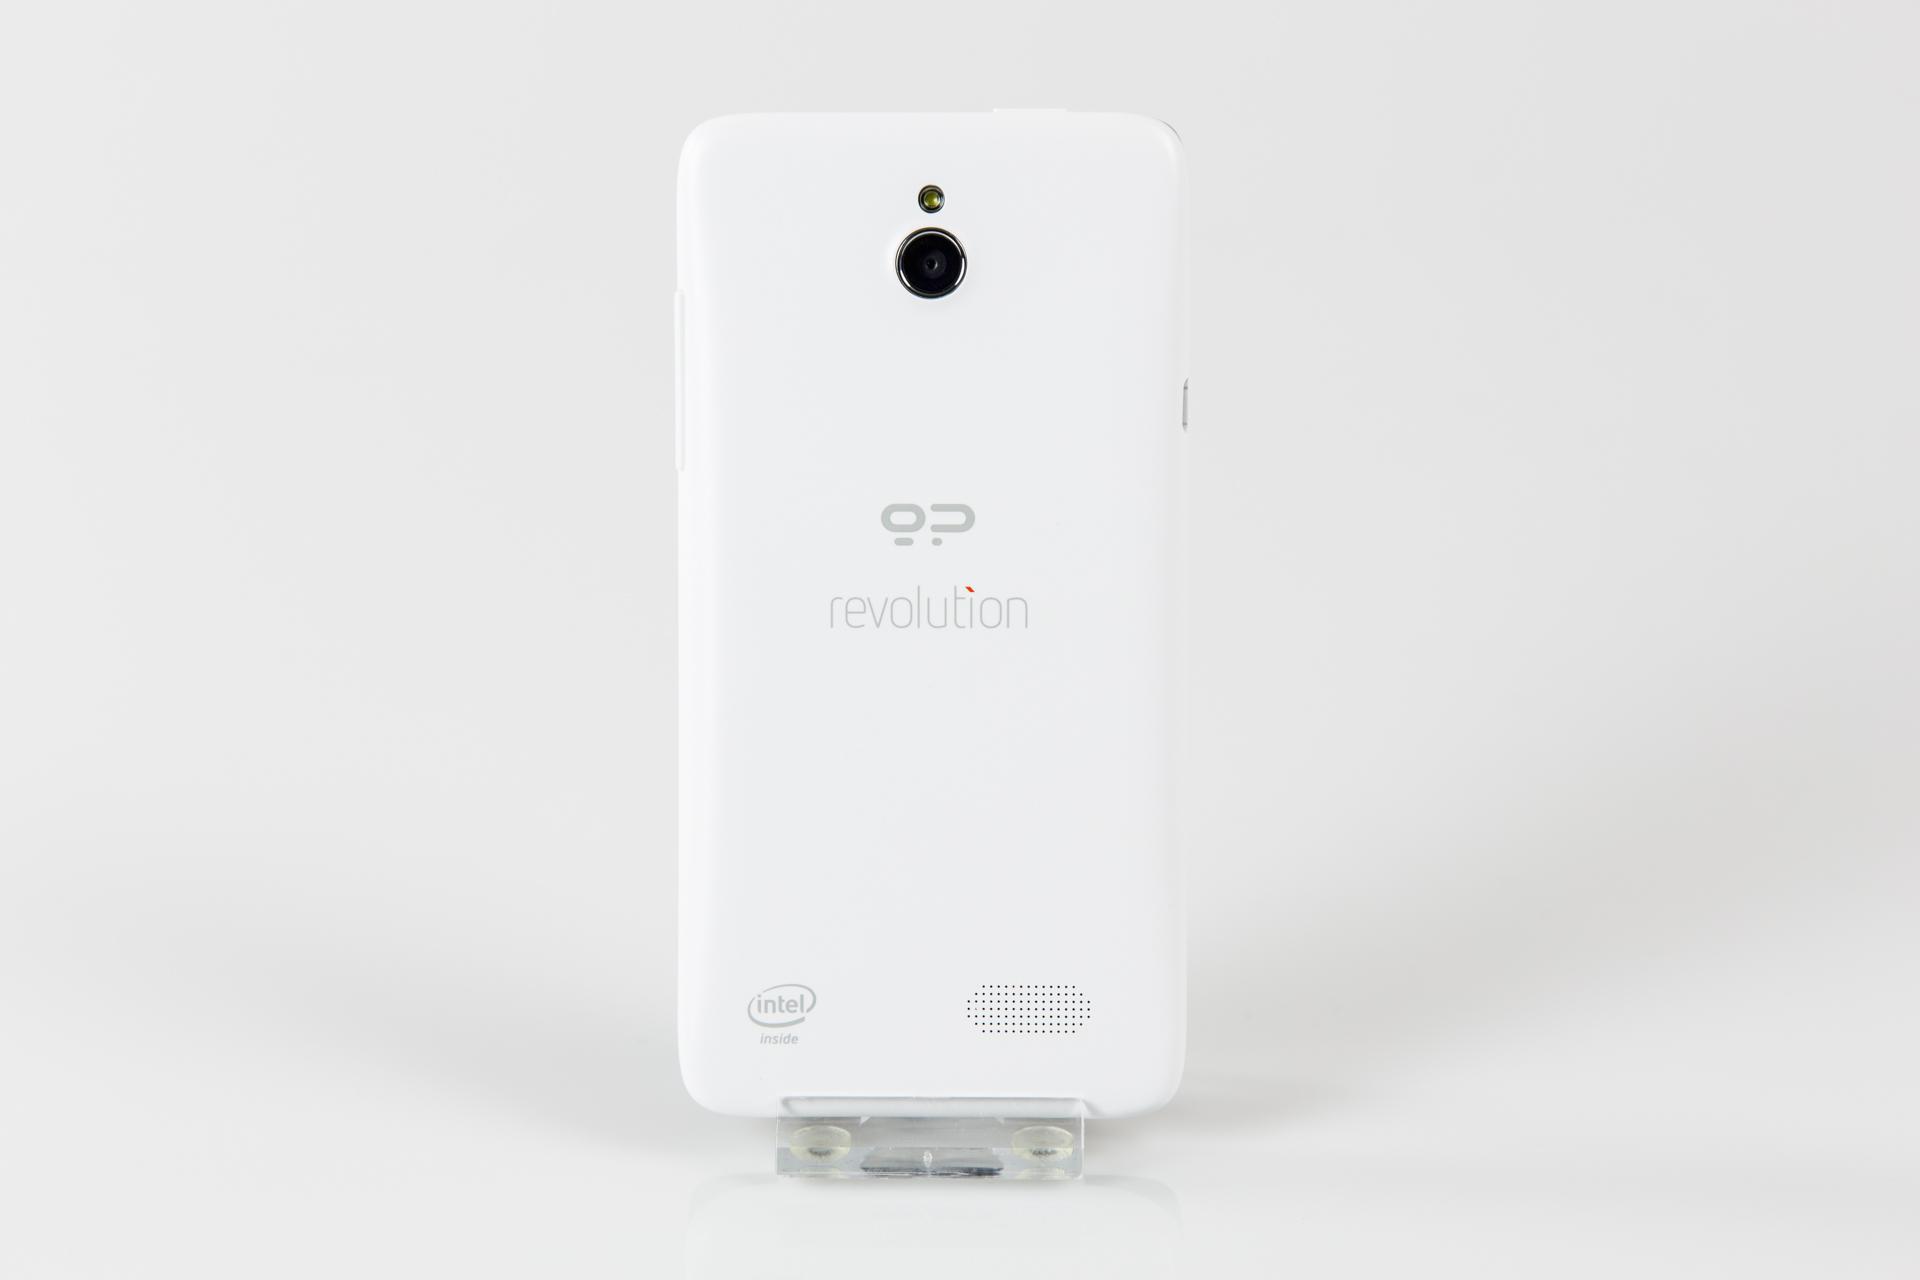 Geeksphone: Preisrutsch für Revolution-Smartphone -